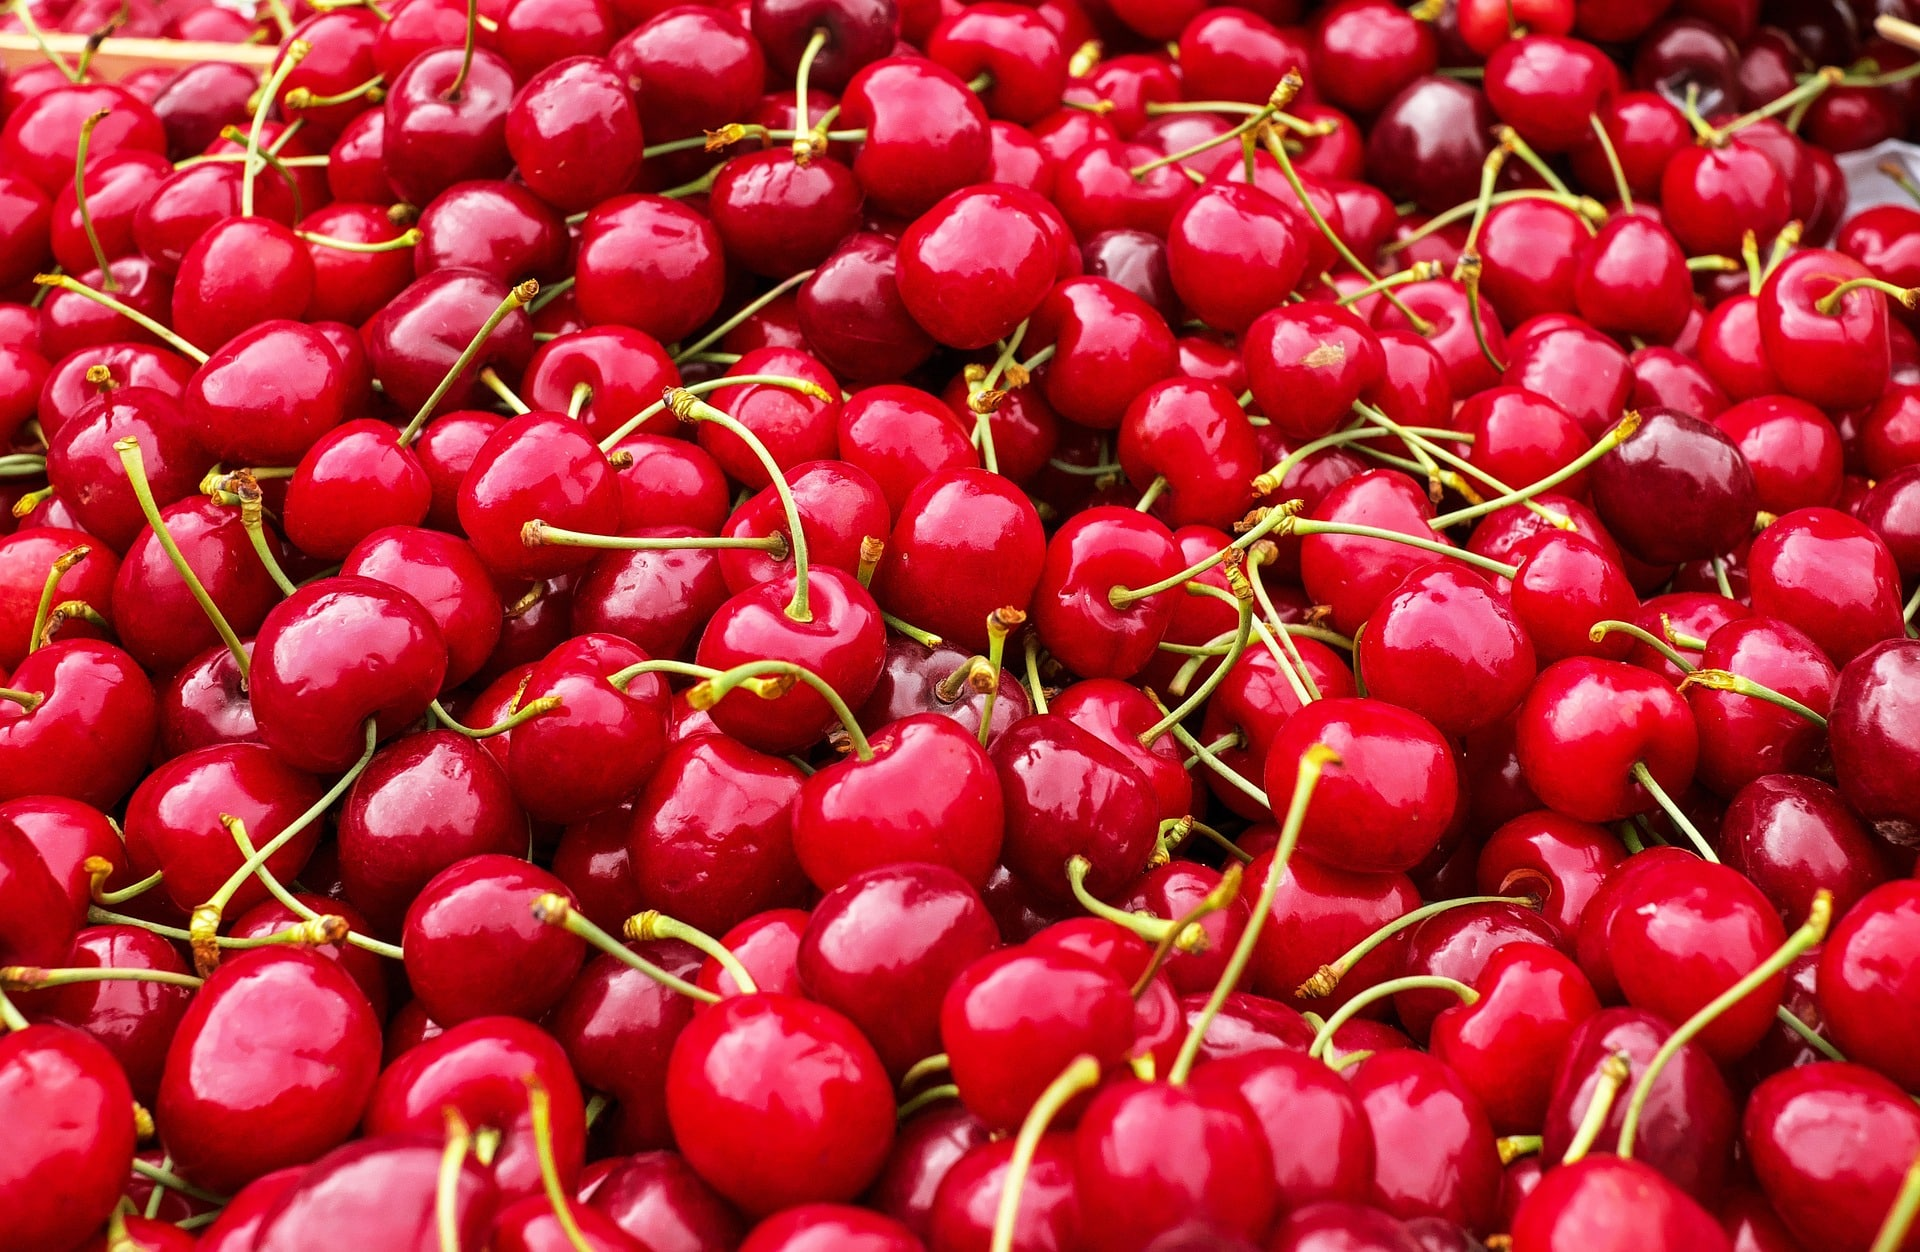 Benefici e proprietà delle ciliegie